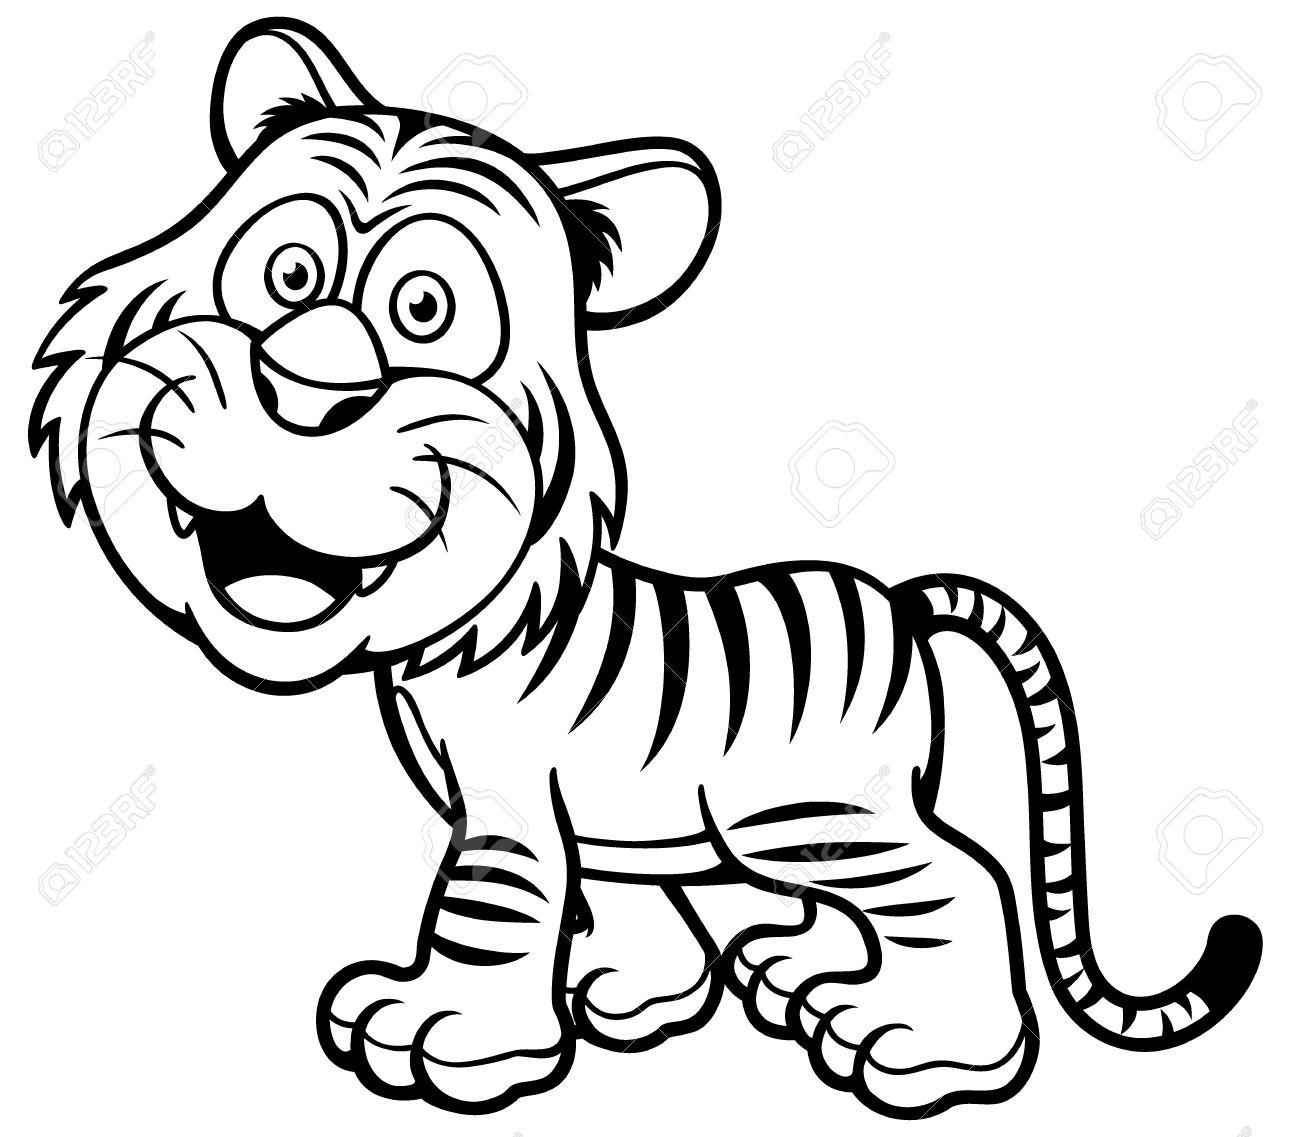 Ilustración De Dibujos Animados Tigre Libro Para Colorear